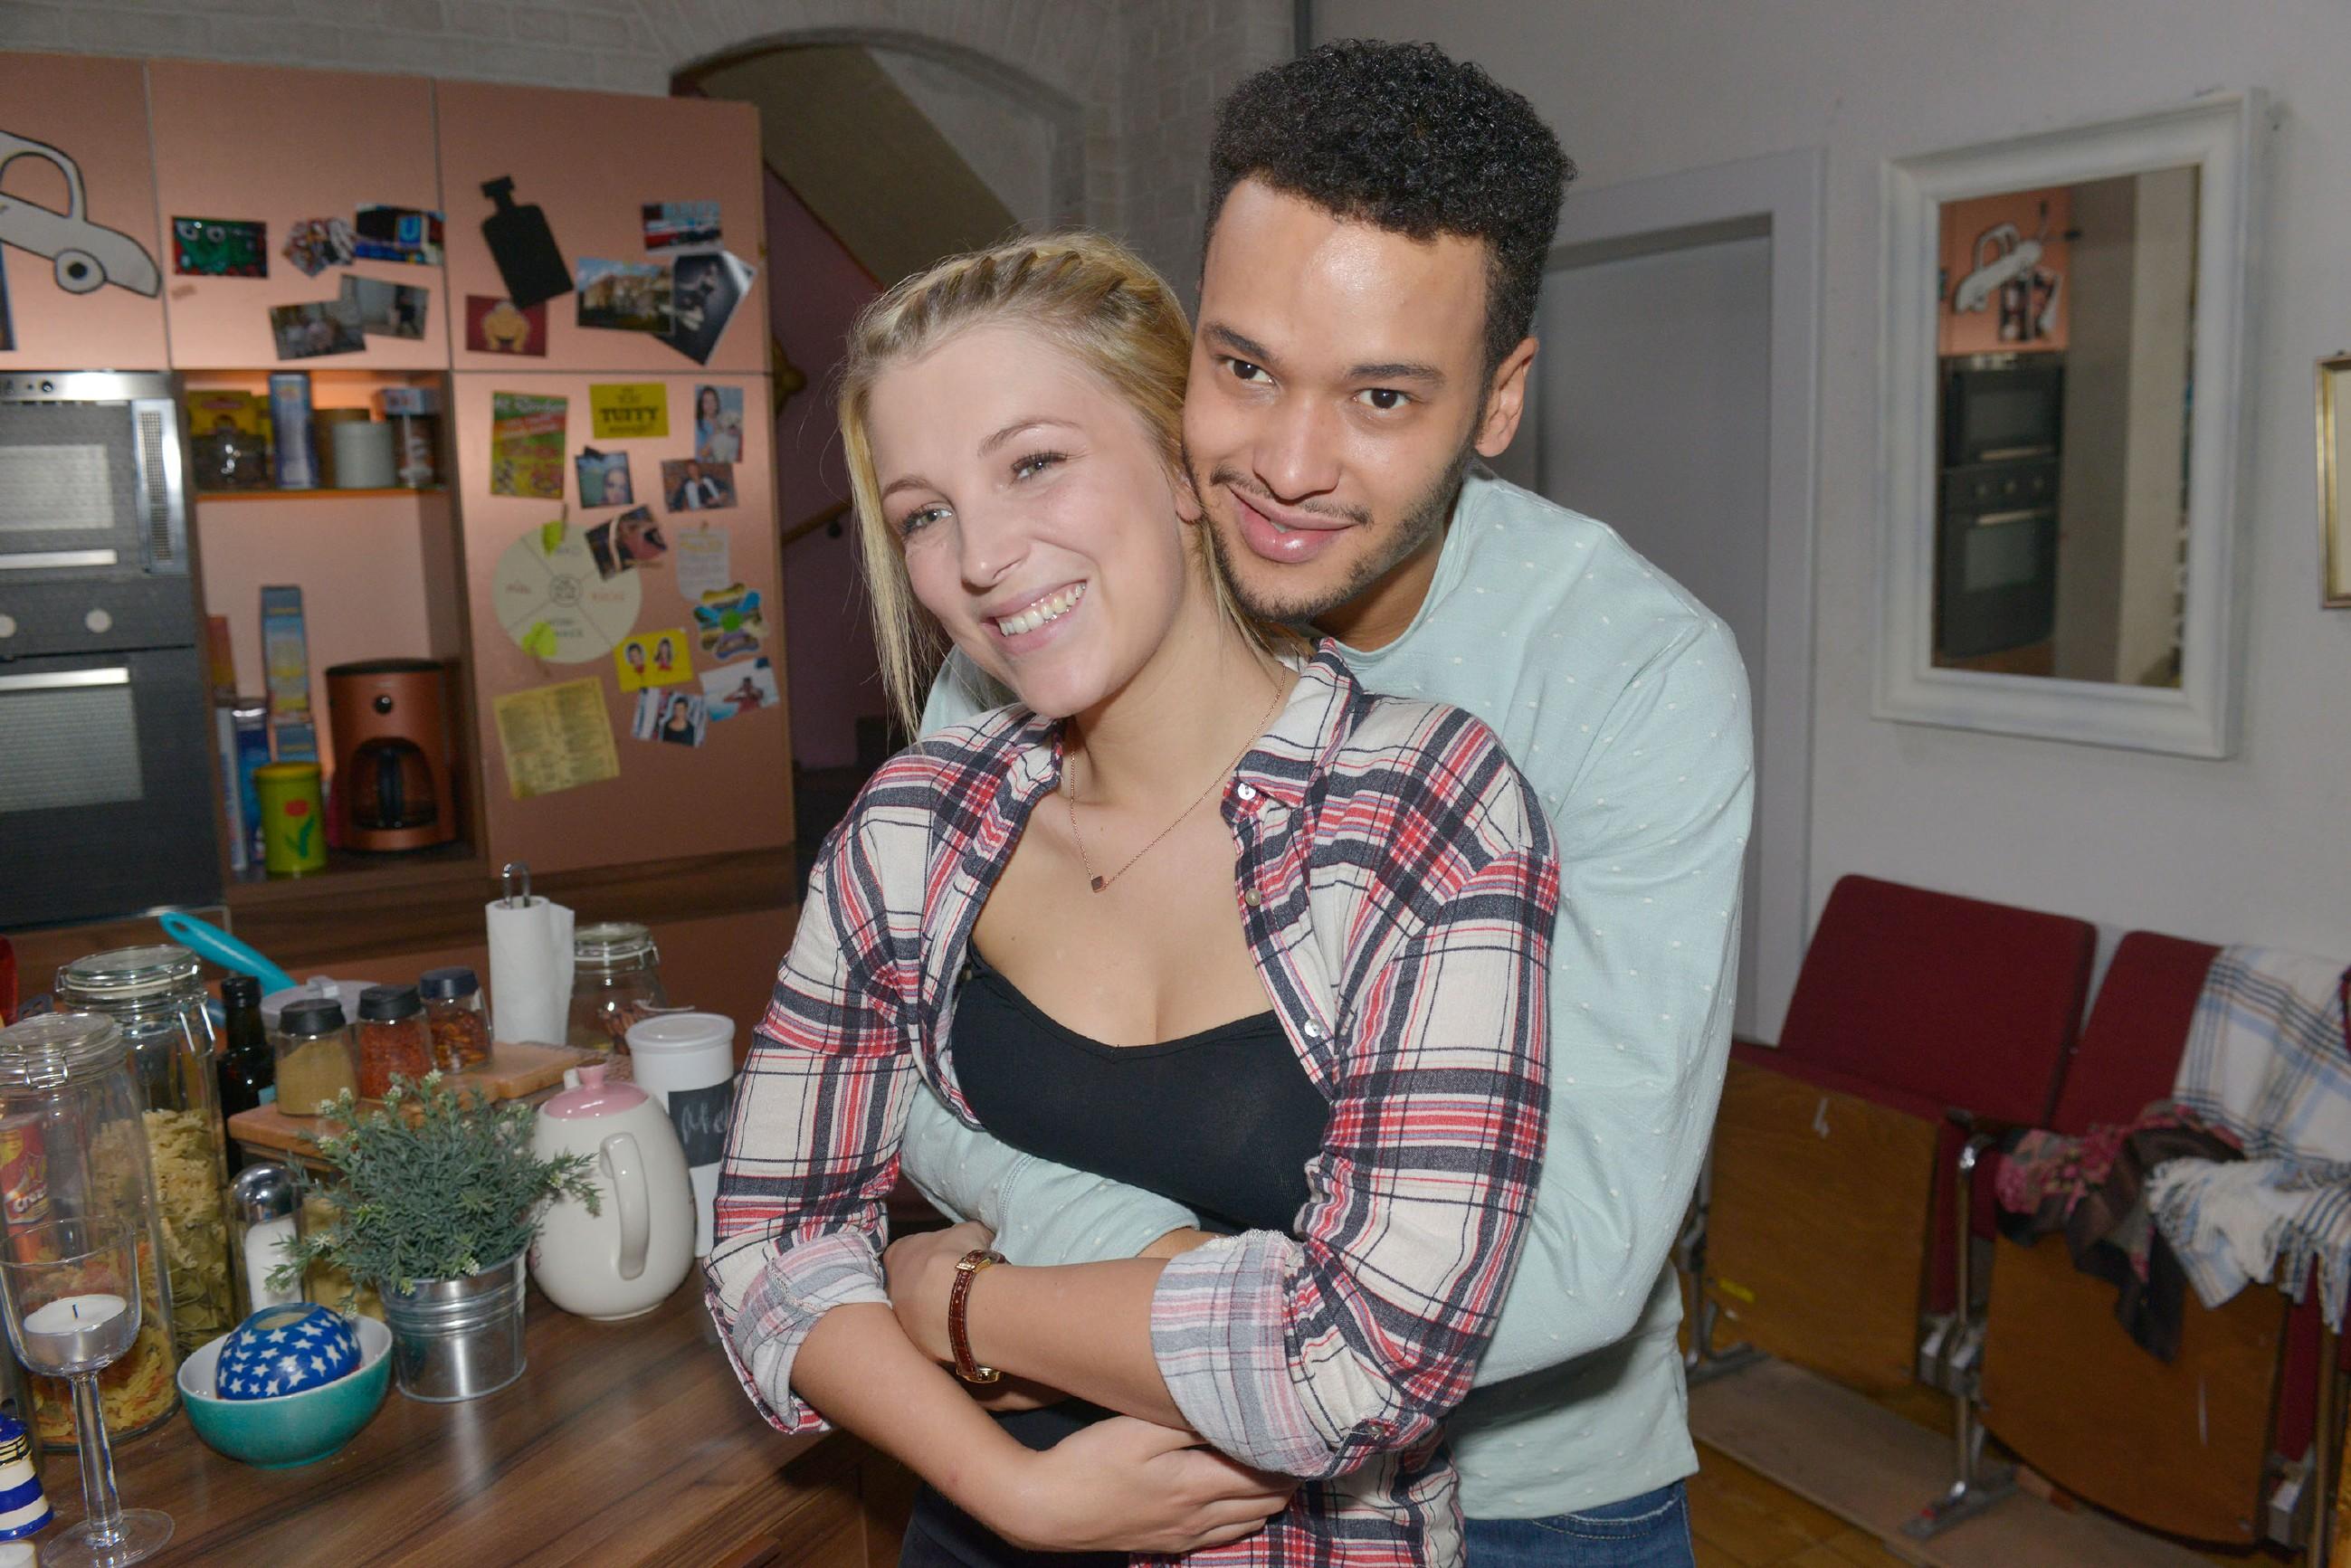 Lilly (Iris Mareike Steen) und Amar (Thando Walbaum) genießen die unbeschwerte Zeit und sind einfach nur glücklich miteinander. (Quelle: RTL / Rolf Baumgartner)